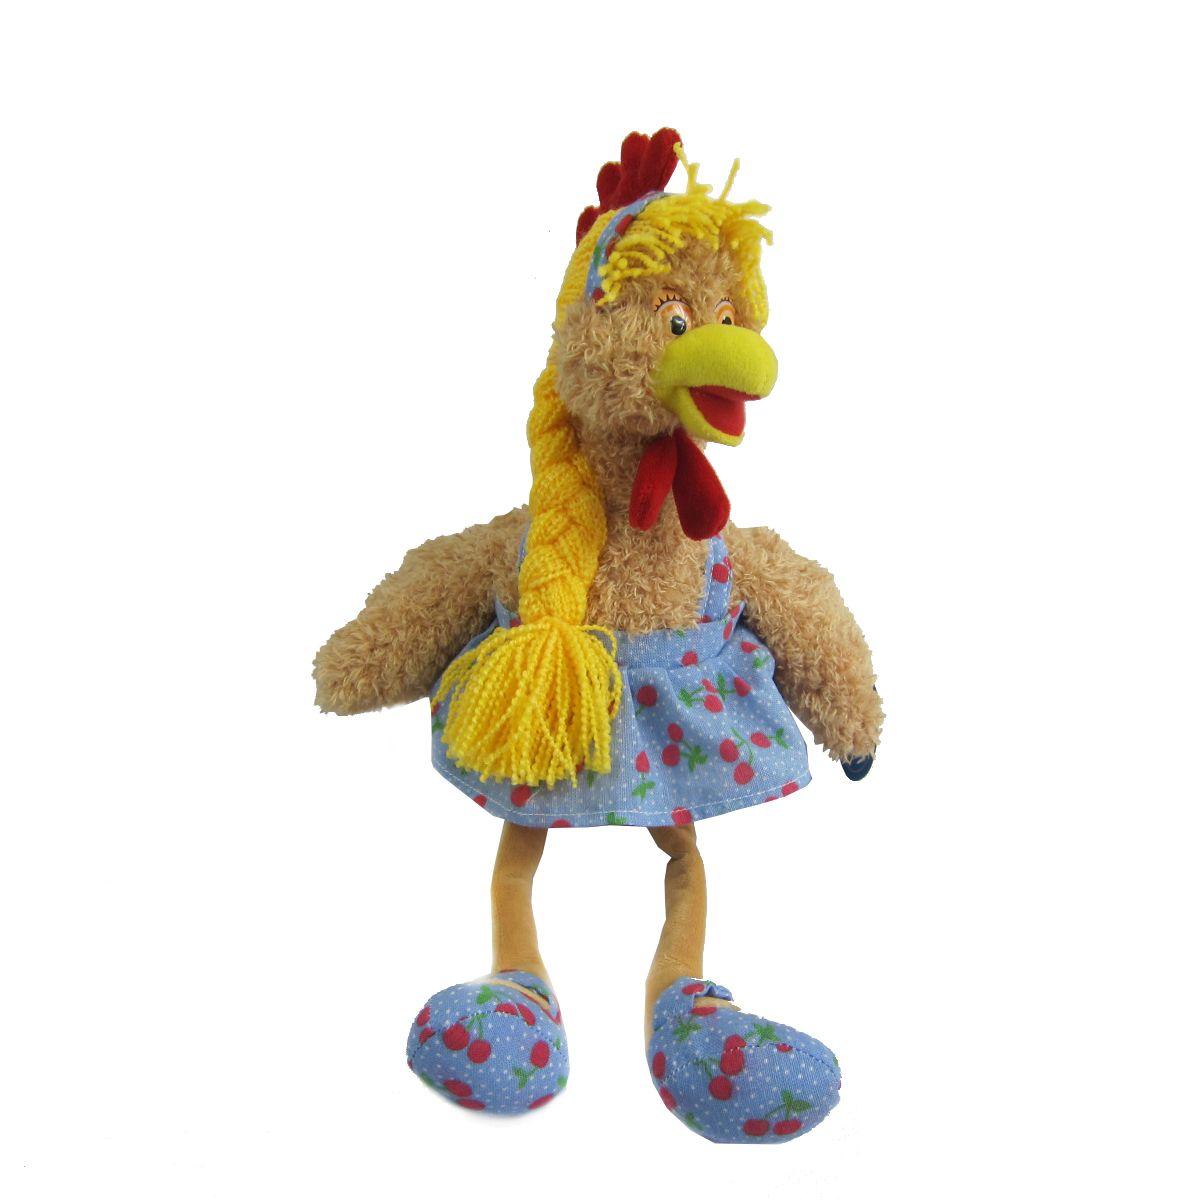 Chuzhou Greenery Yoys Мягкая игрушка Курочка с косичкой в платье 20 смYSL17179Символ года – ежегодно обновляемая коллекция, которая зачастую радует взрослых даже больше, чем детей. Год 2017 ознаменован годом Огненного Петуха, представляем Вам очень симпатичных персонажей .Каждый герой имеет свой образ, характер, с разными одеждами и аксессуарами. От 3-х лет.